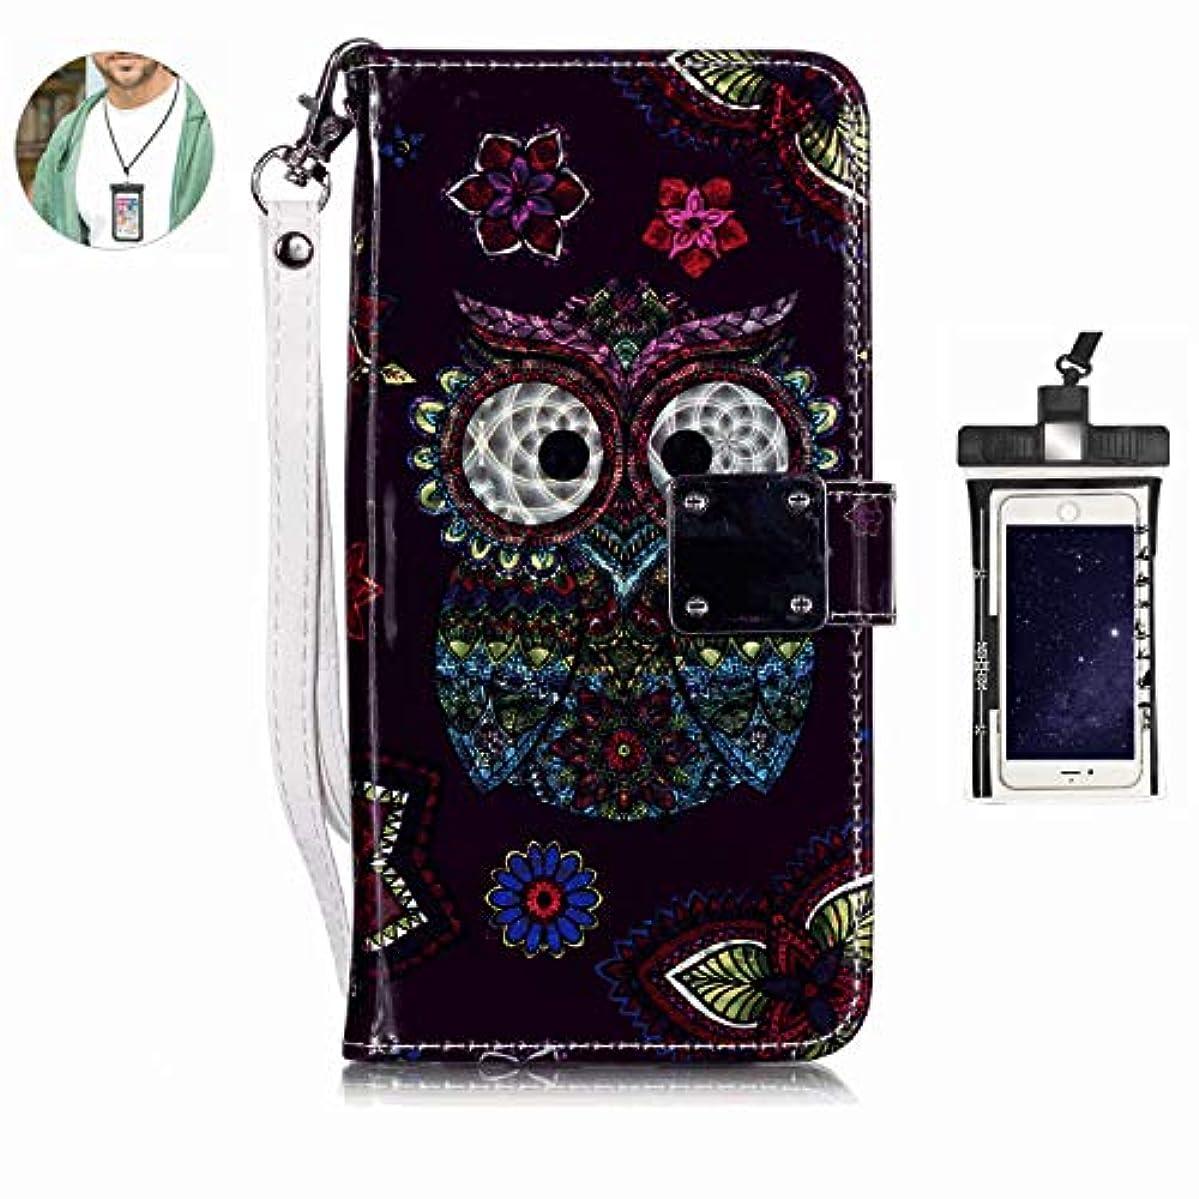 アラブサラボフリンジ異形レザー 手帳型 アイフォン iPhone 11 ケース 本革 カバー収納 財布 高級 ビジネス スマートフォンケース 無料付防水ポーチケース